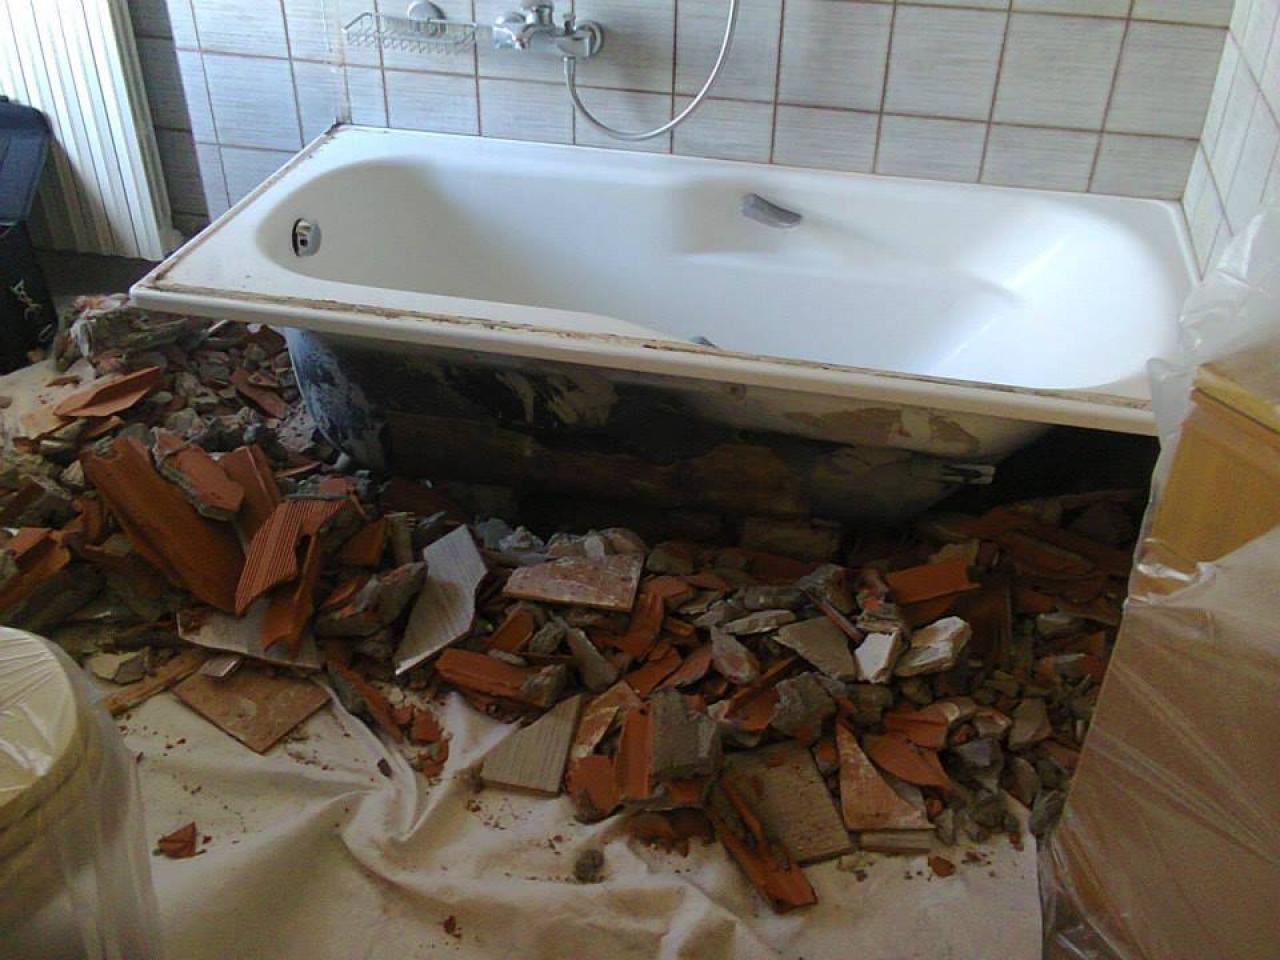 Vasca Da Bagno Rovinata : Buoni motivi per ristrutturare il bagno fratelli pellizzari